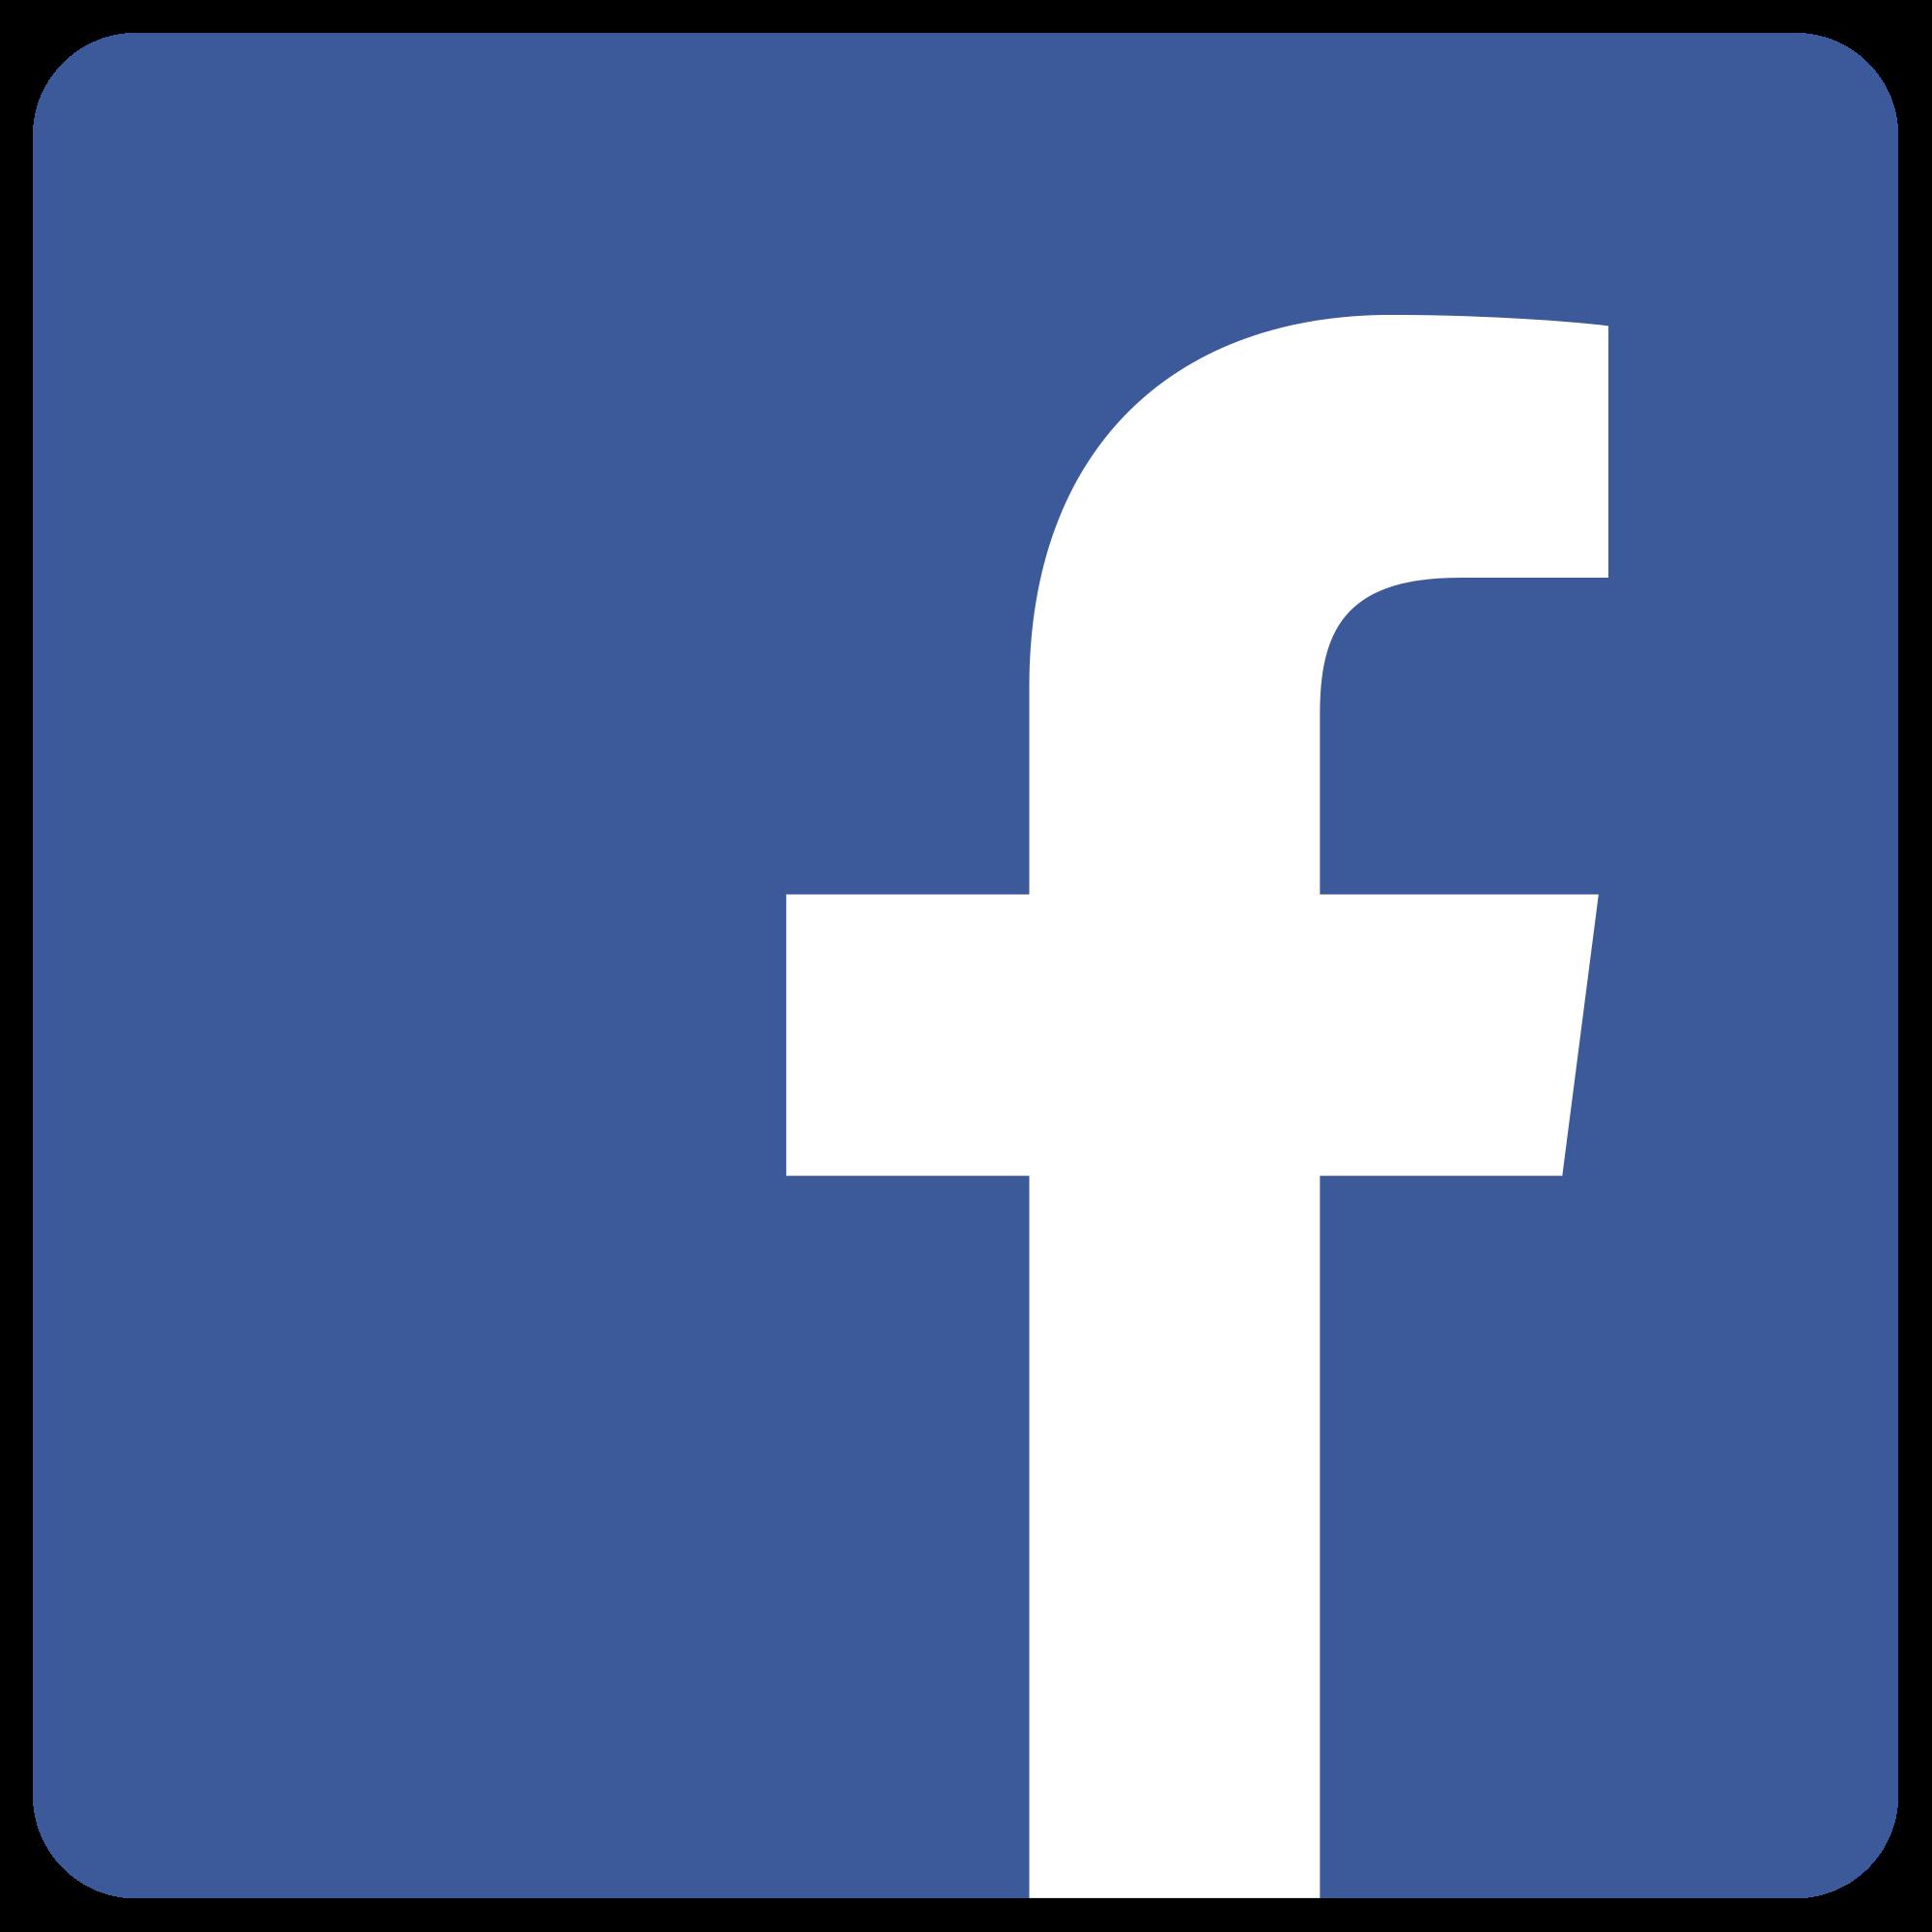 Chris Swan on Facebook